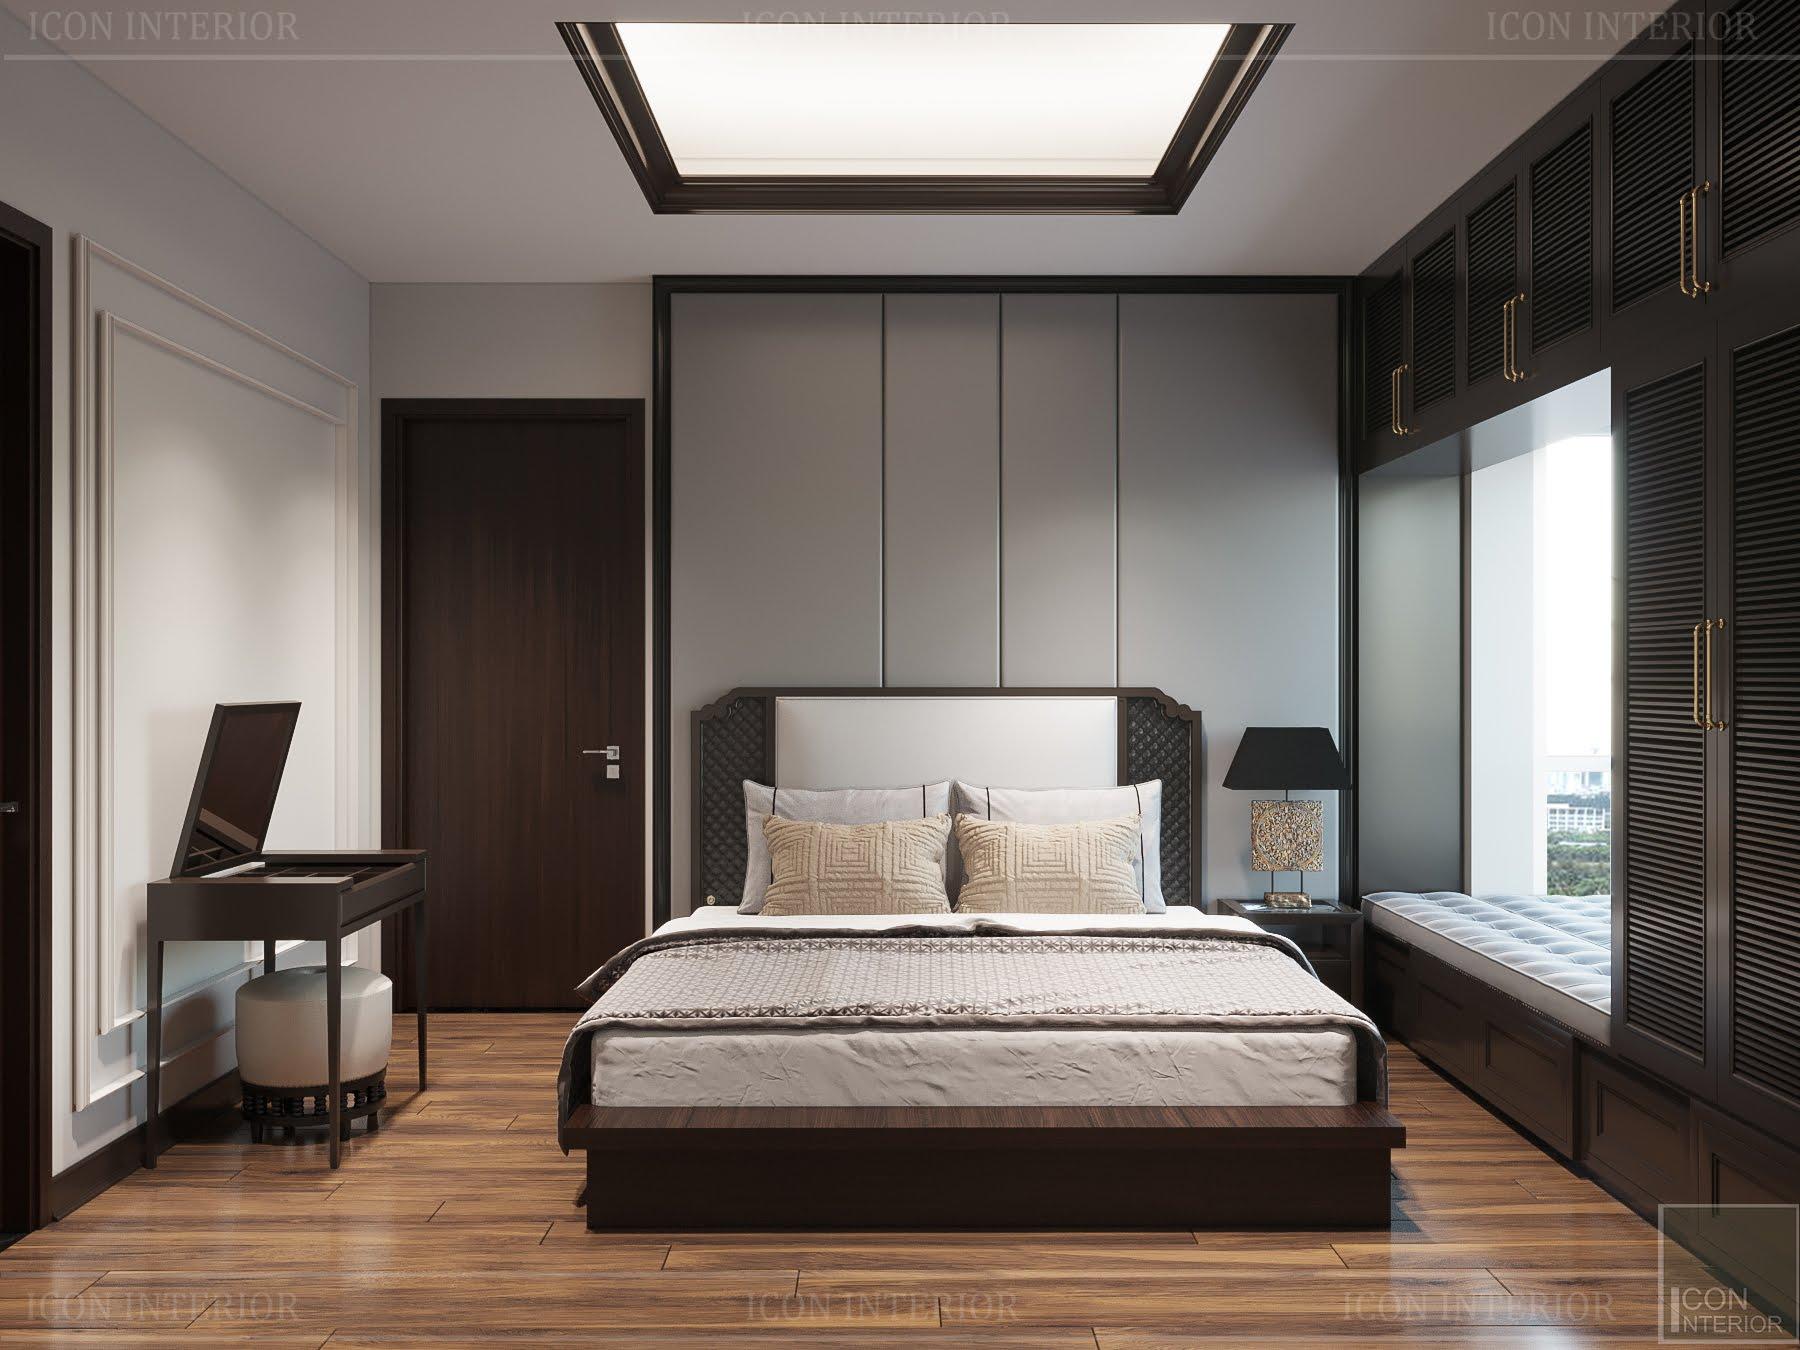 thiết kế căn hộ đập thông - phòng ngủ nhỏ